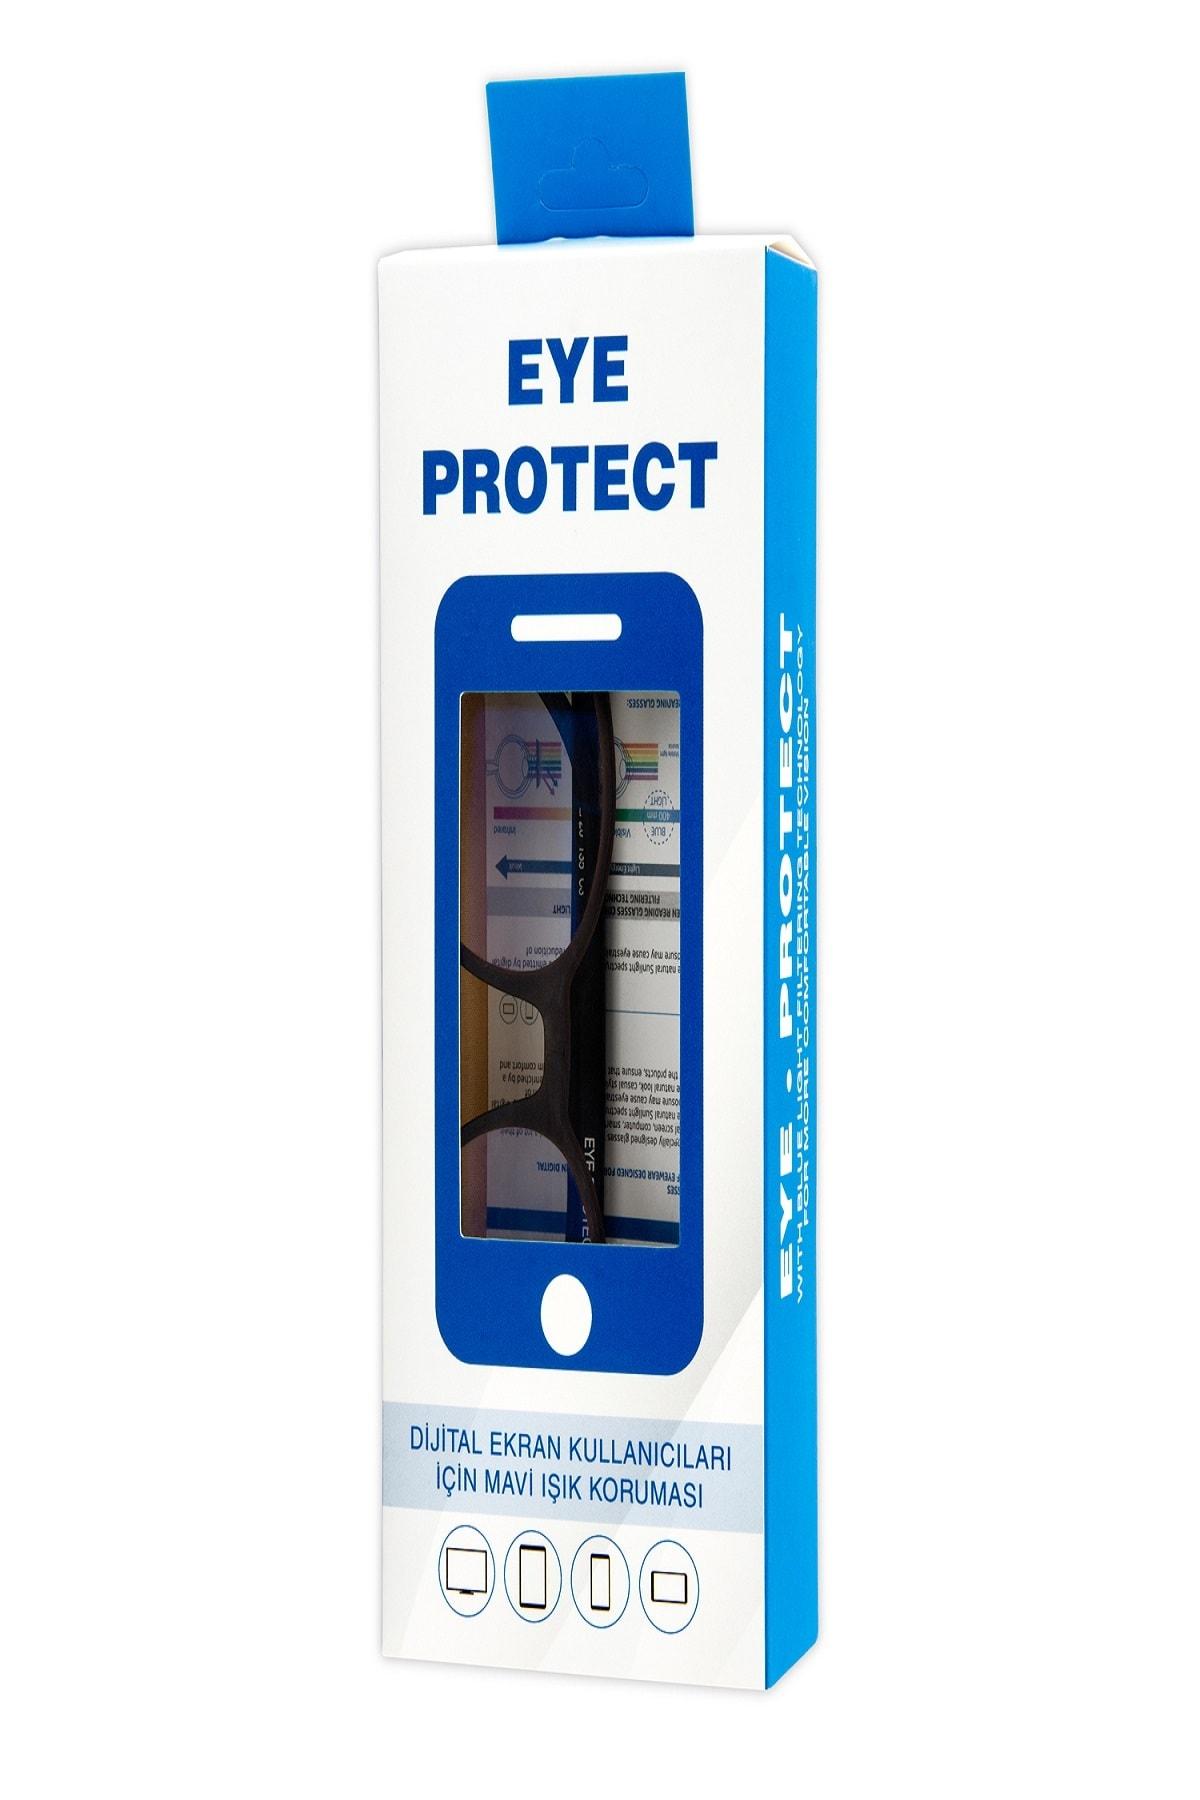 Eye Protect - Ekran Koruyucu Gözlük Kahverengi Çerçeveli 1